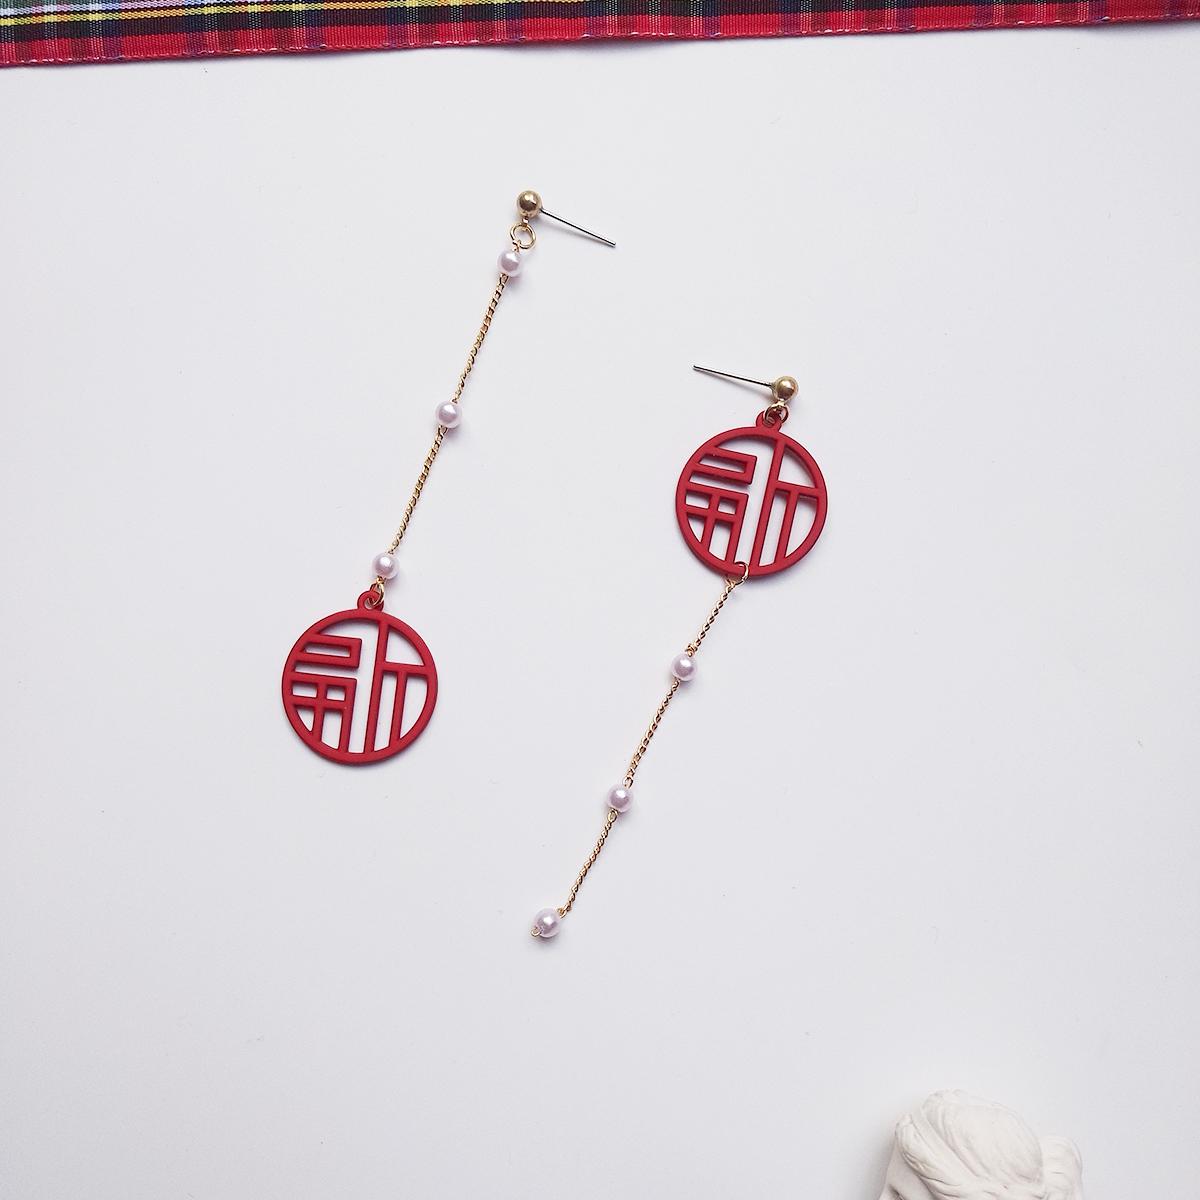 原创新年红色福字防过敏耳针女珍珠长版圆形耳环本命年无耳洞耳夹详细照片